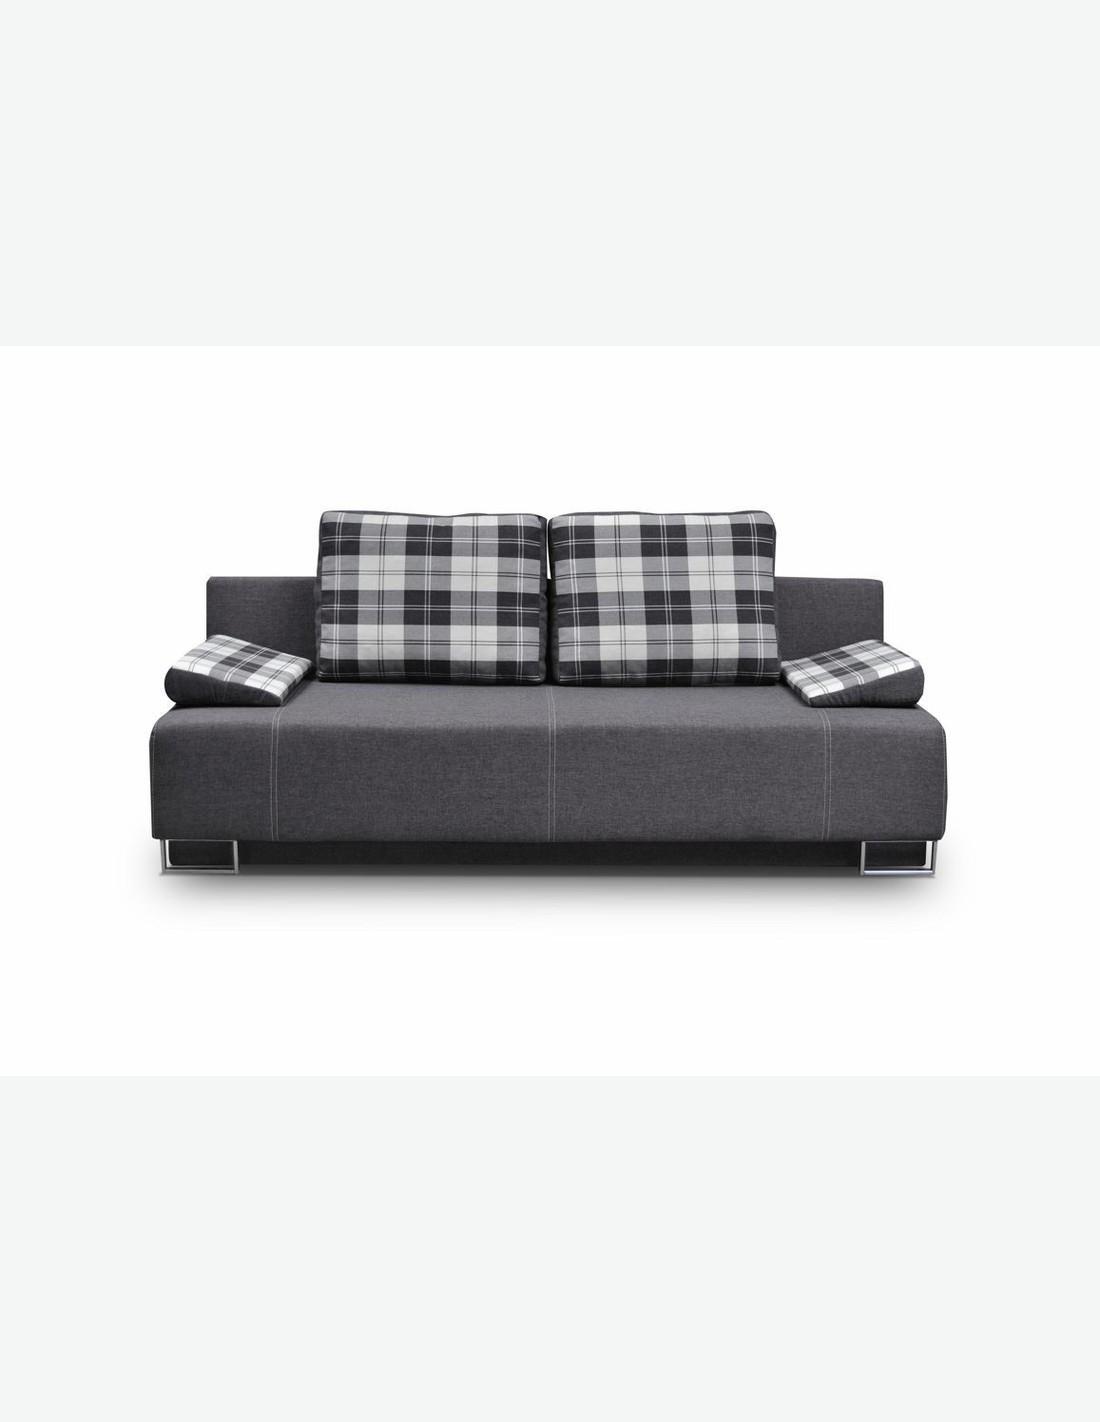 Primolla divani avantishop - Divano letto con cassettone ...